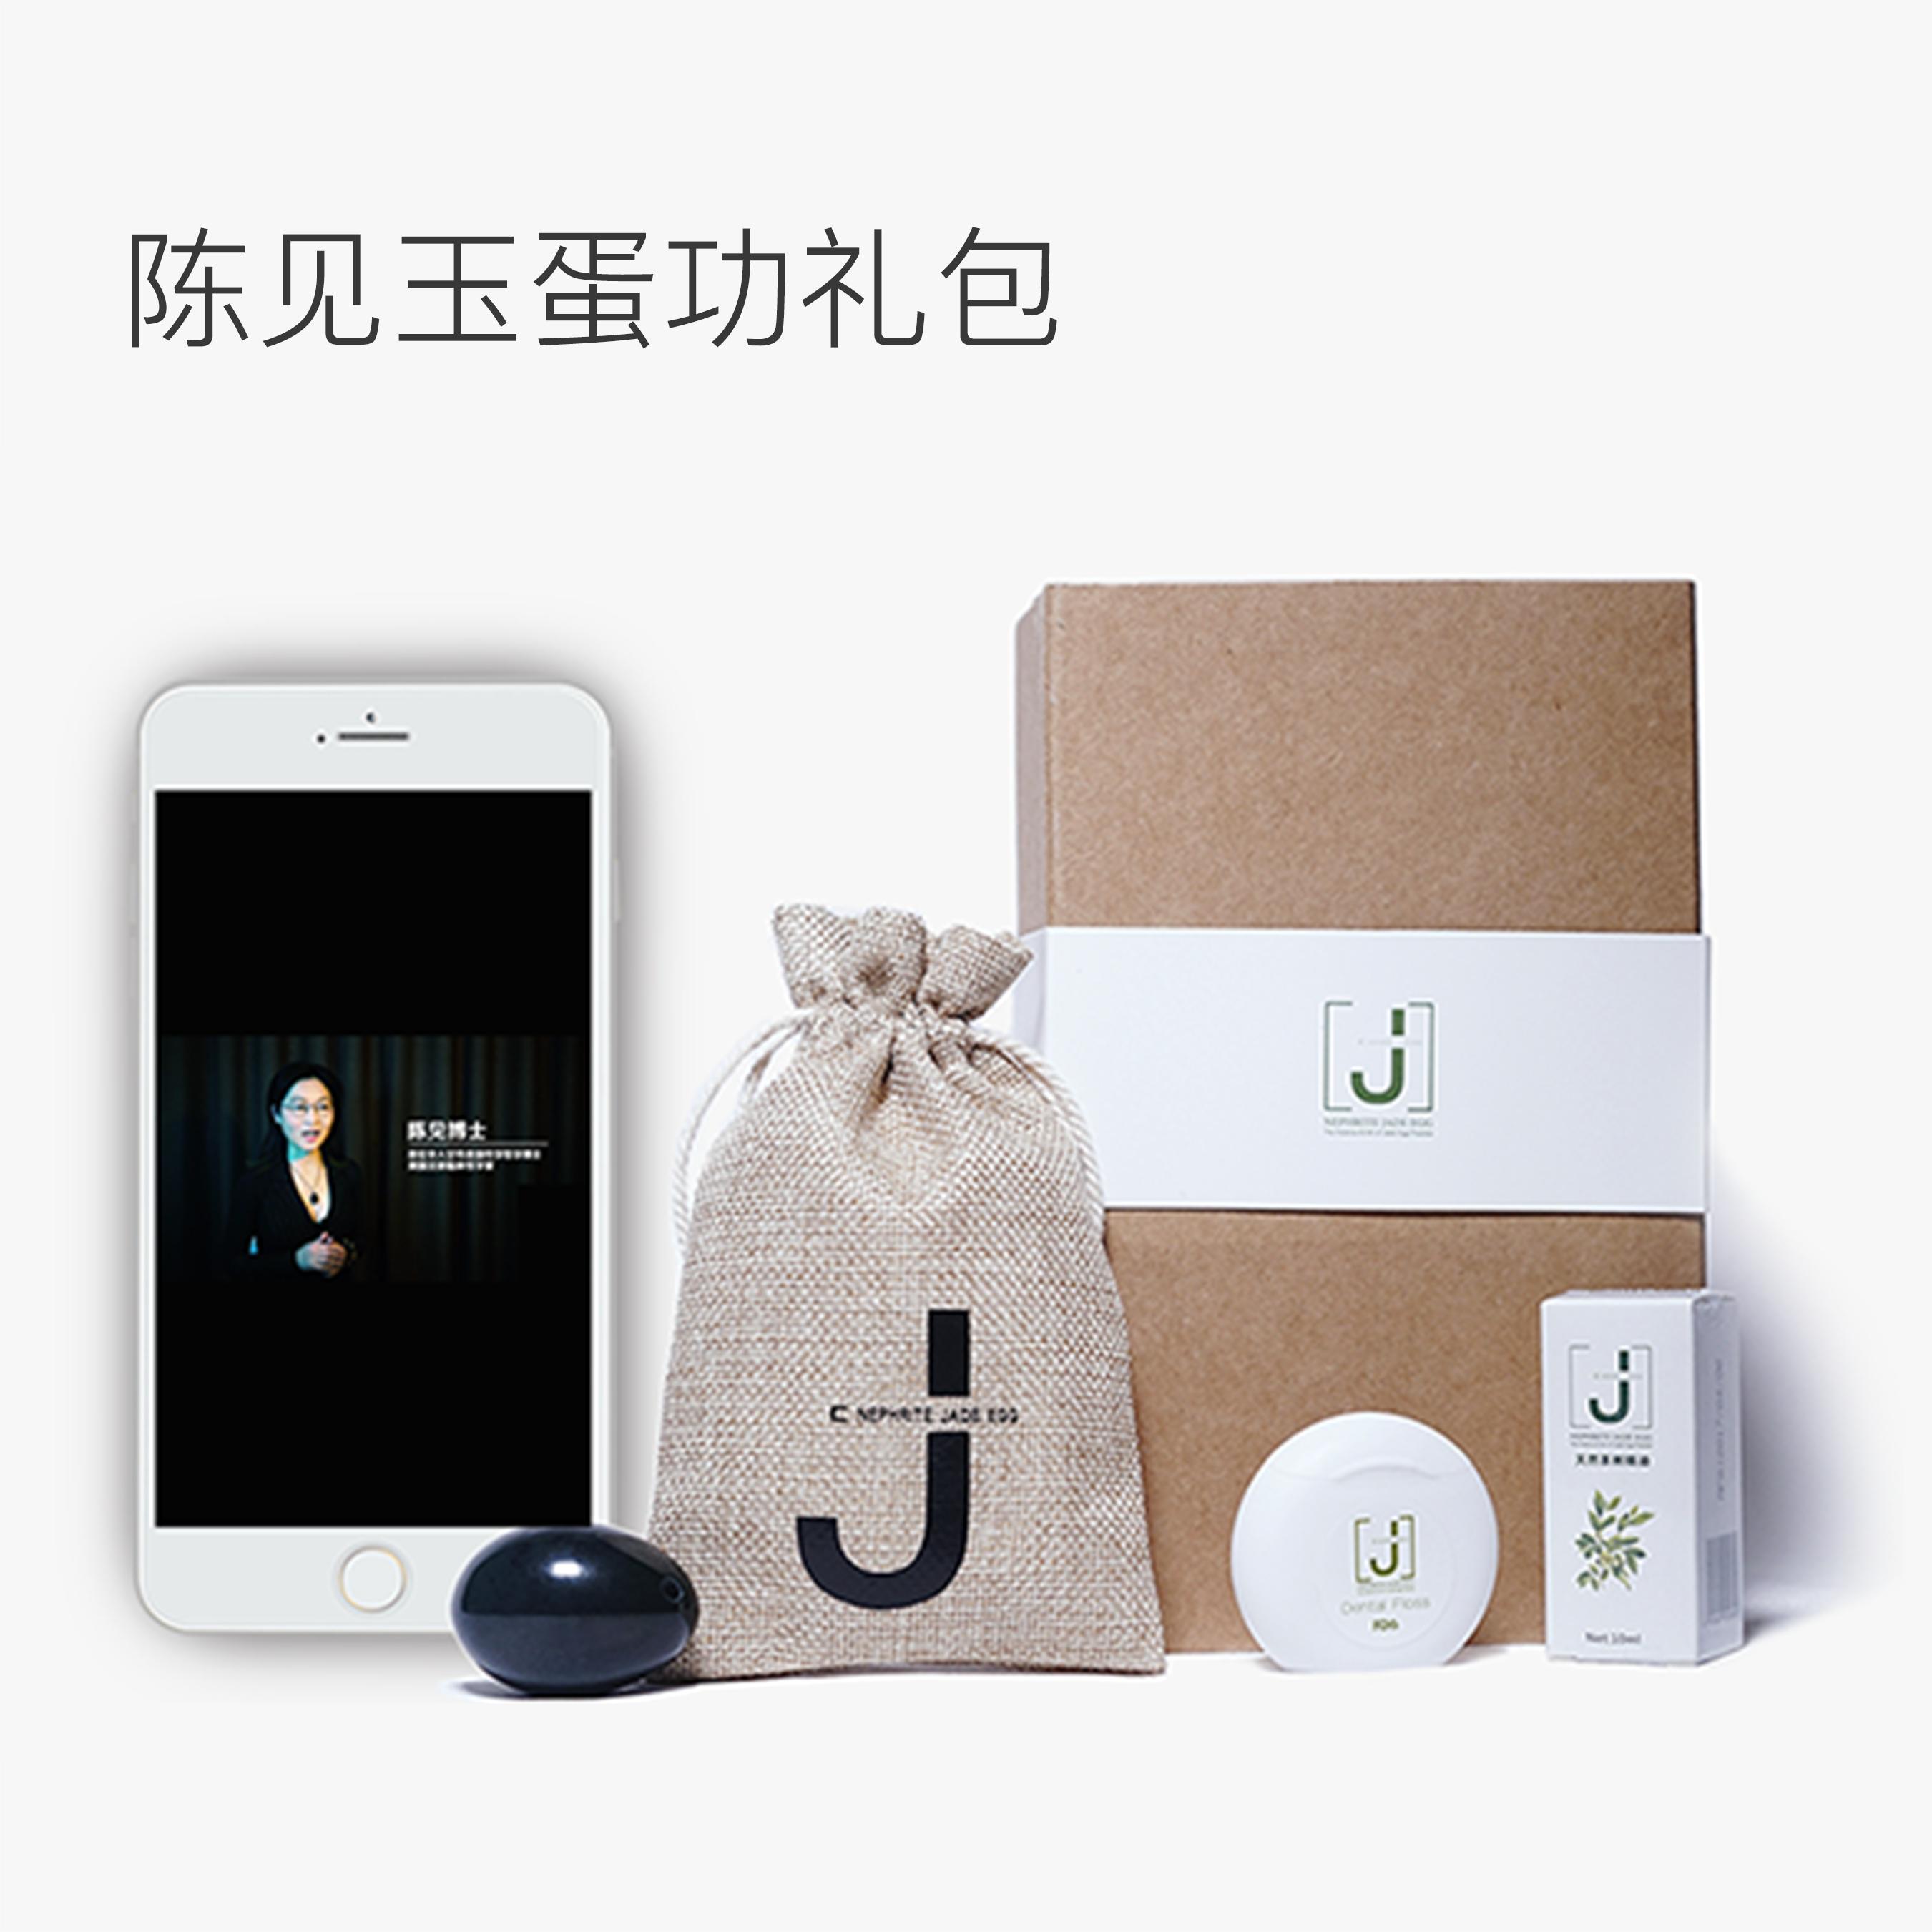 「 JEP© 陈见玉蛋功 」商标专利线上教程礼包 商品图4